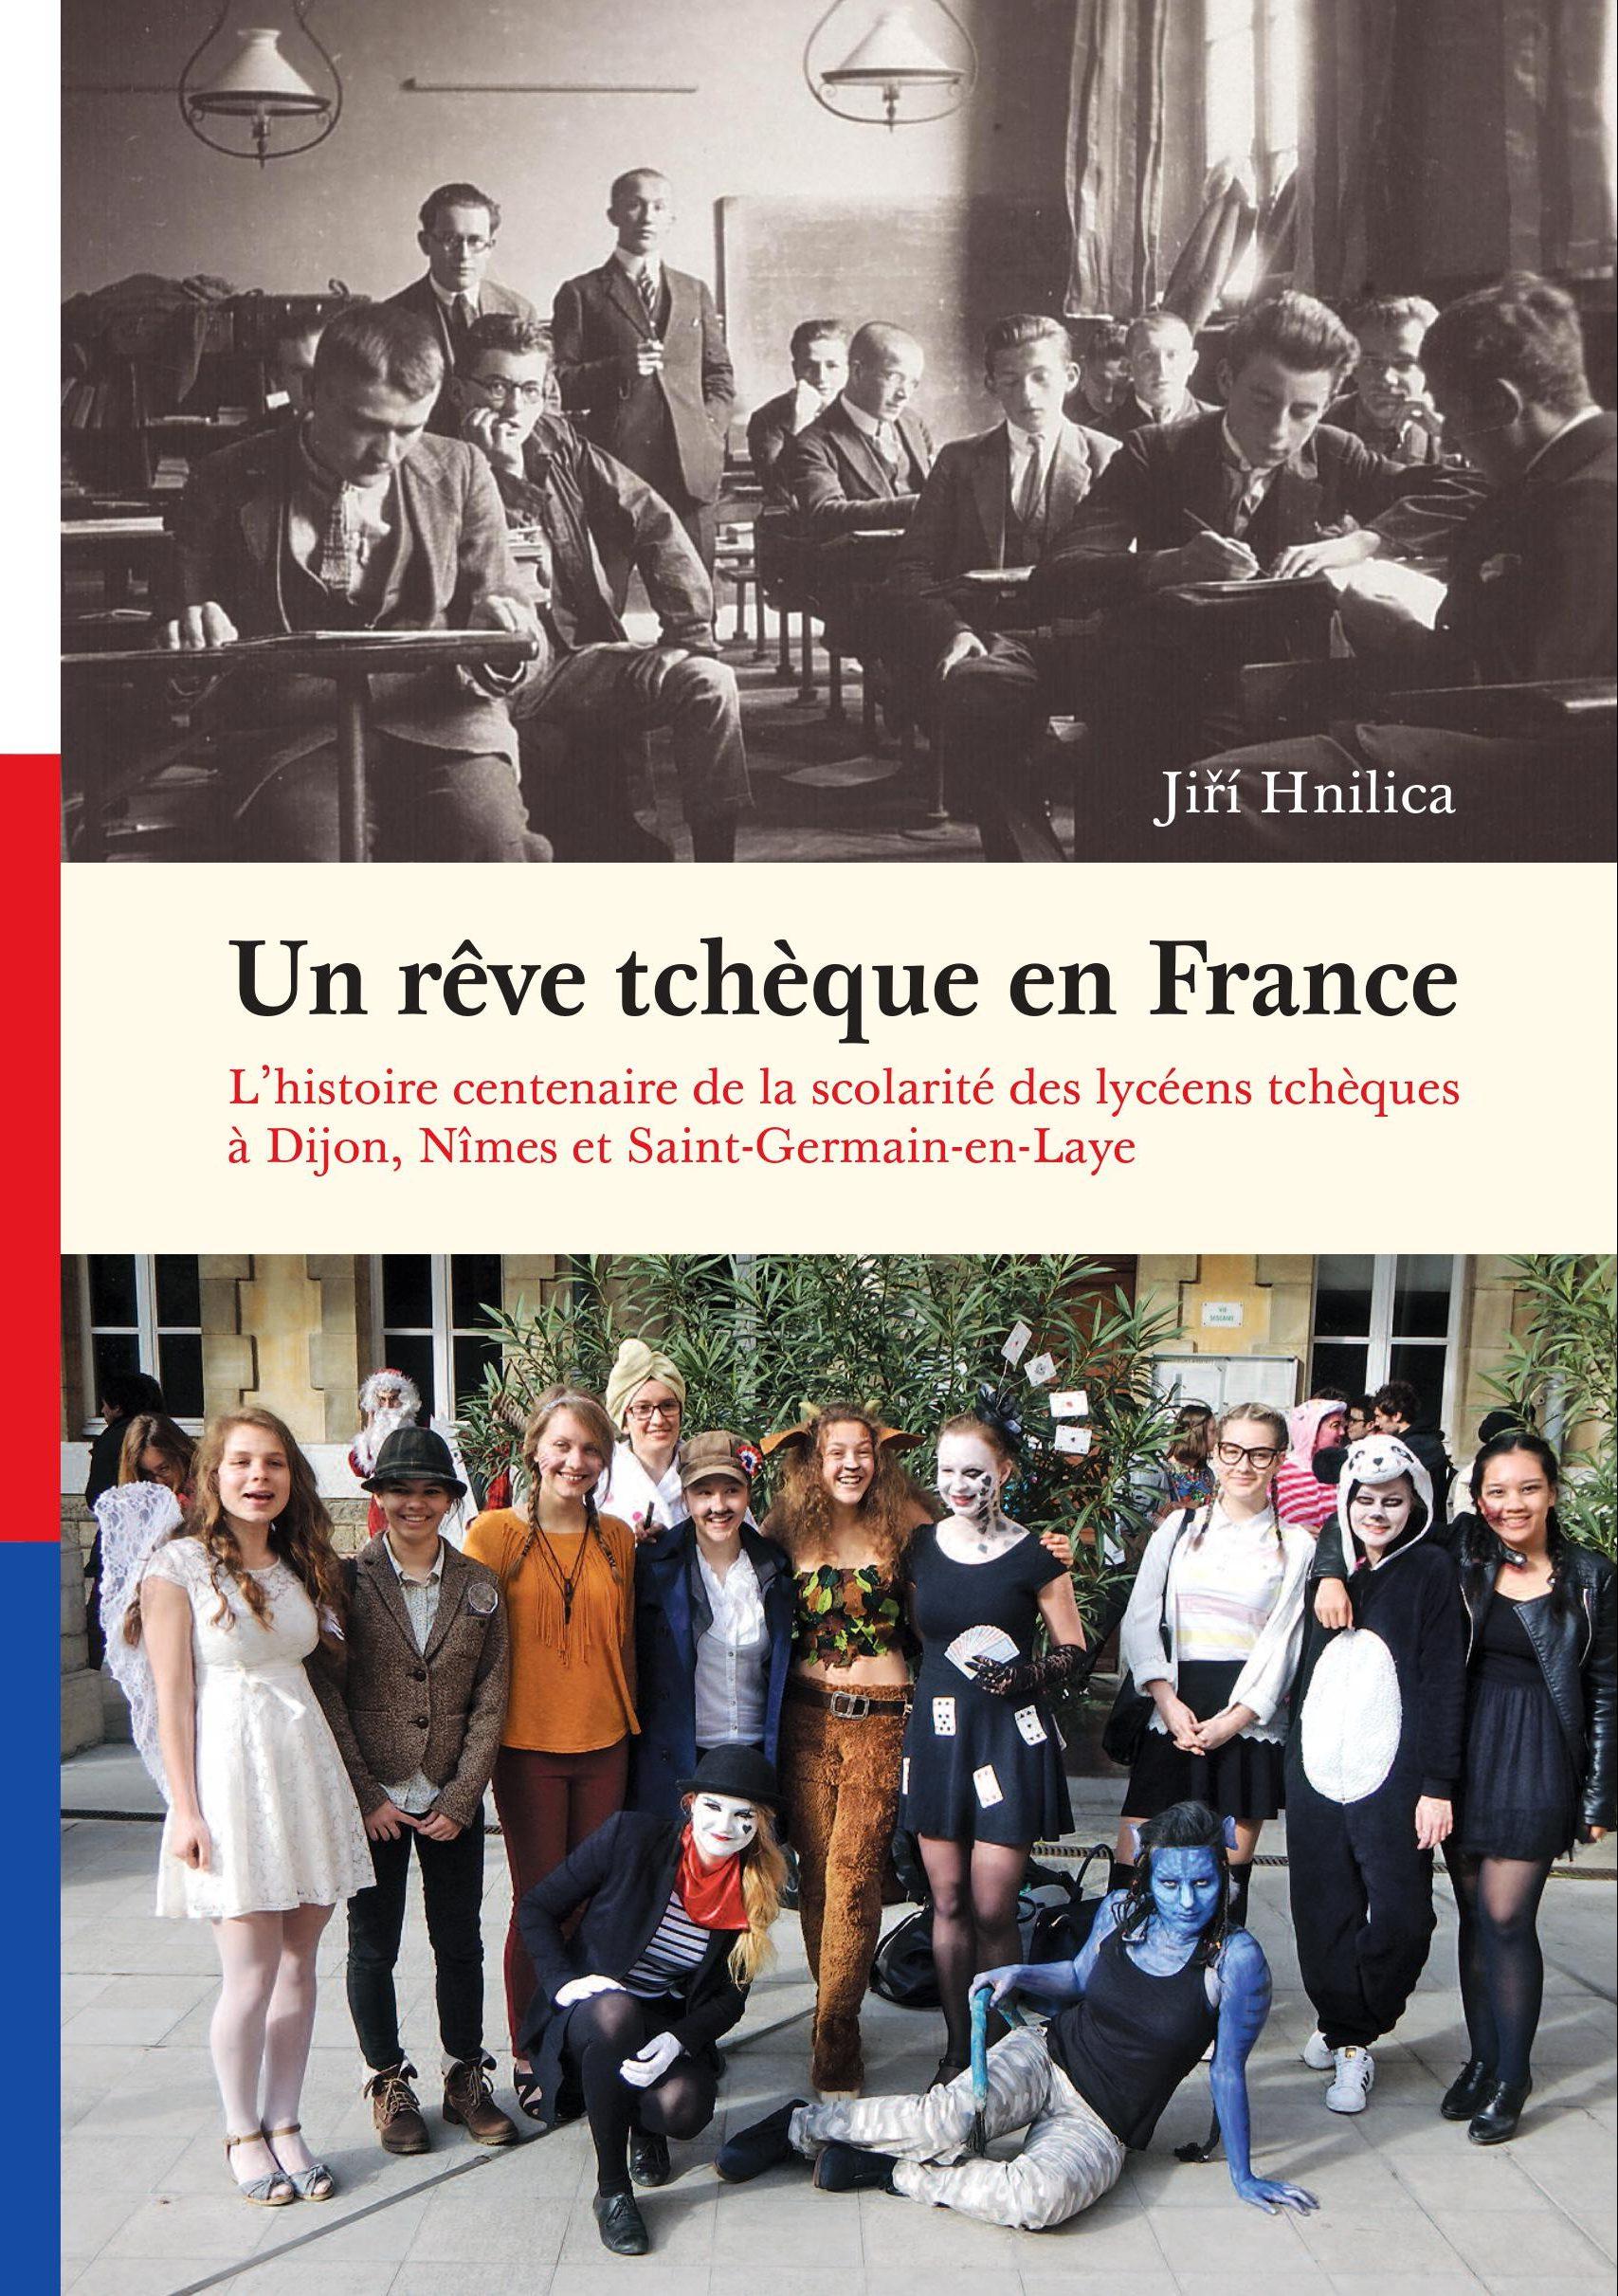 Vychází kniha o českých sekcích Un rêve tchèque en France